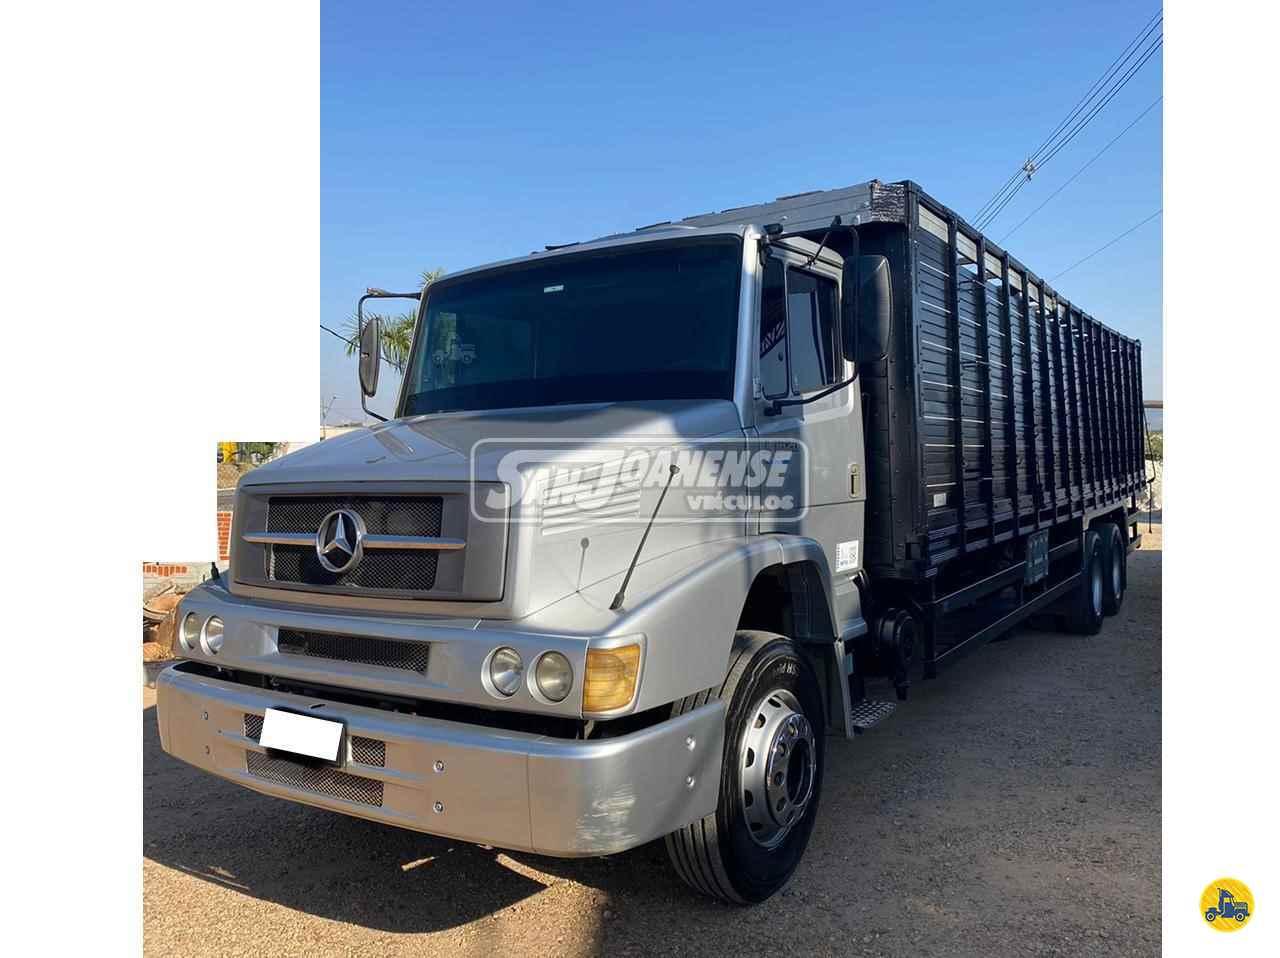 CAMINHAO MERCEDES-BENZ MB 1620 Boiadeiro Truck 6x2 Sanjoanense Veículos SAO JOAO DA BOA VISTA SÃO PAULO SP